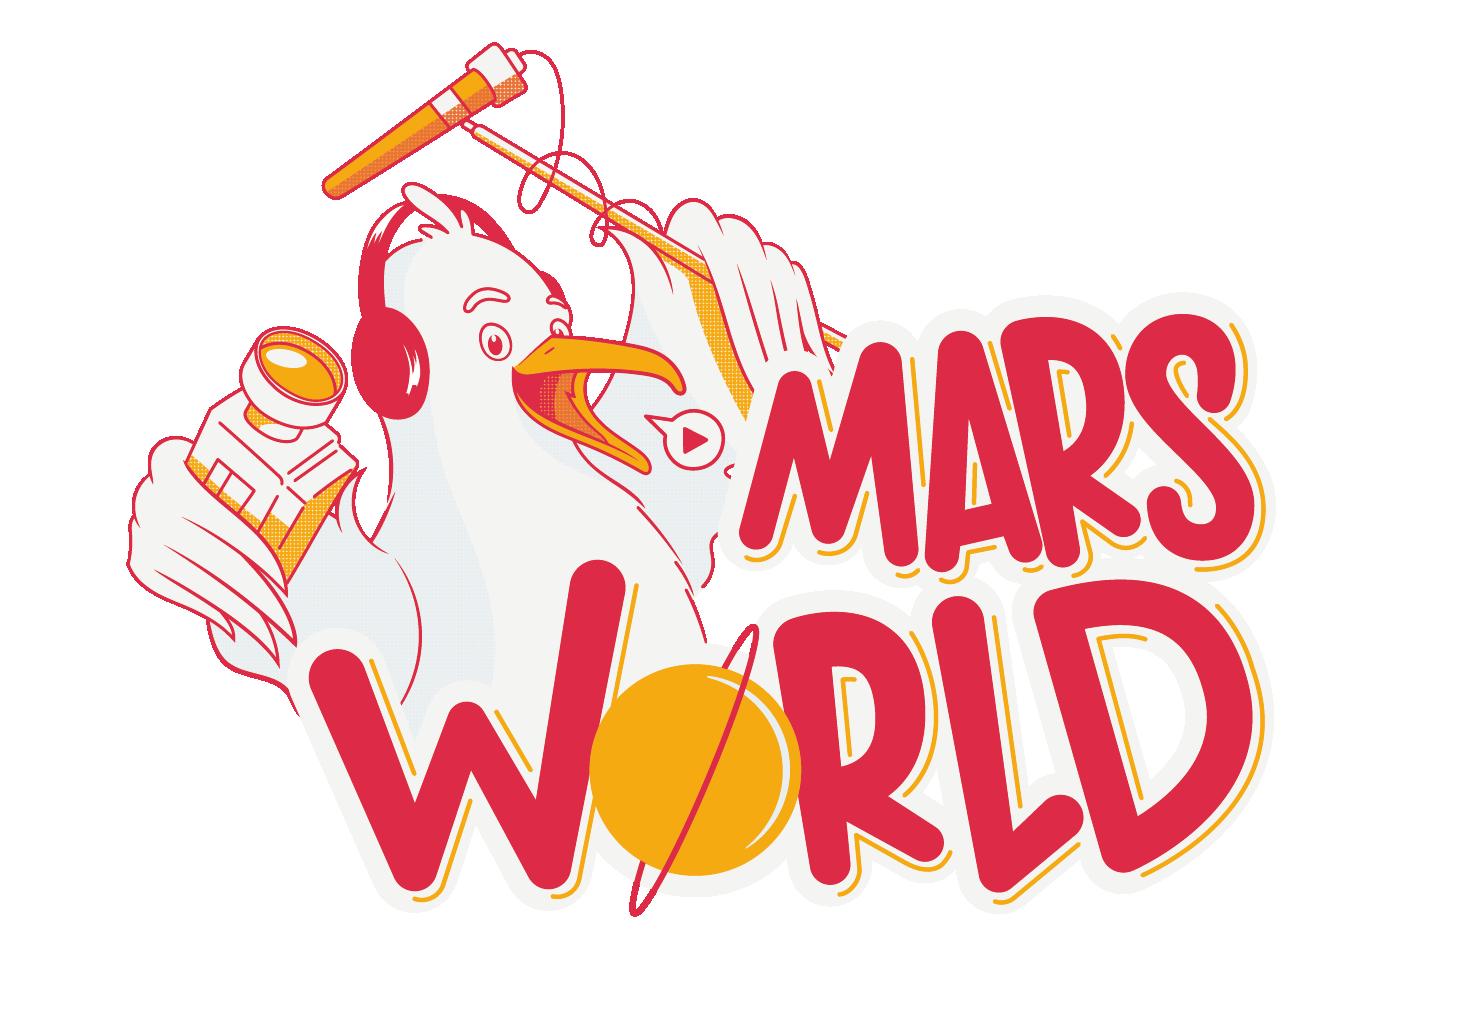 Marsworld